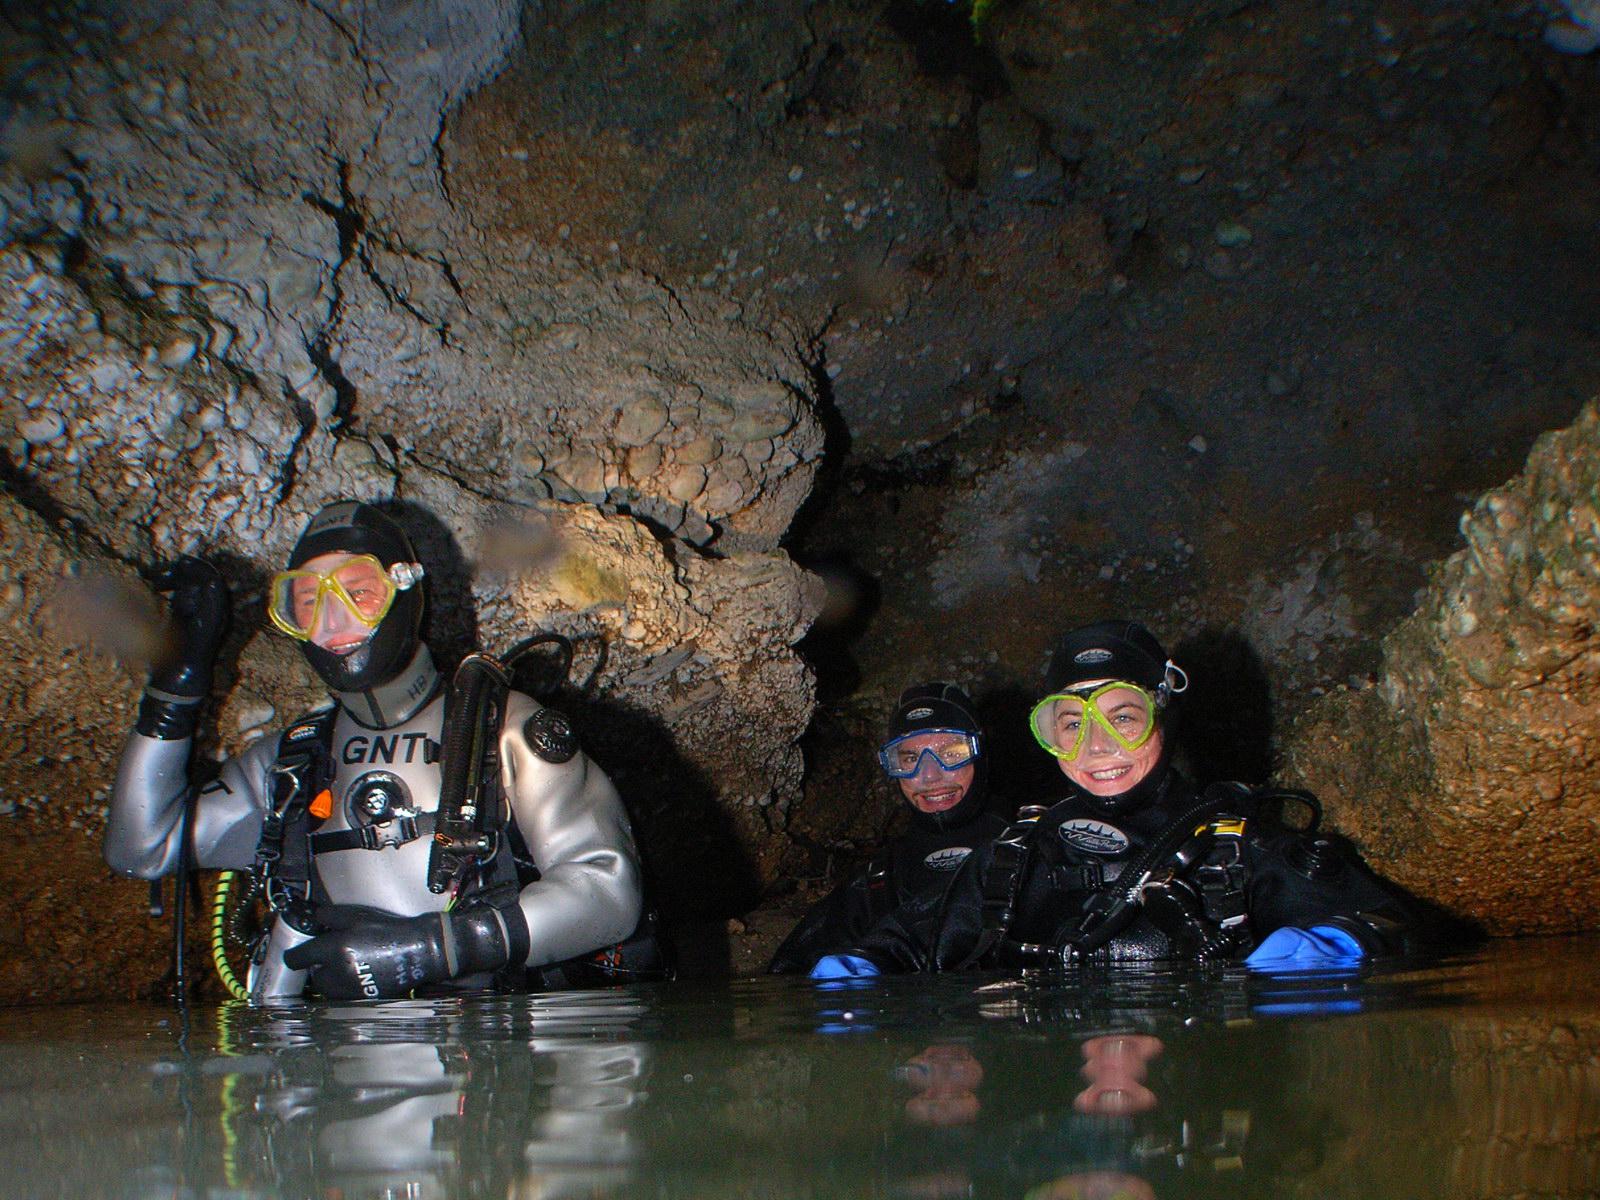 Höhlentaucher tauchen in einer Höhle auf